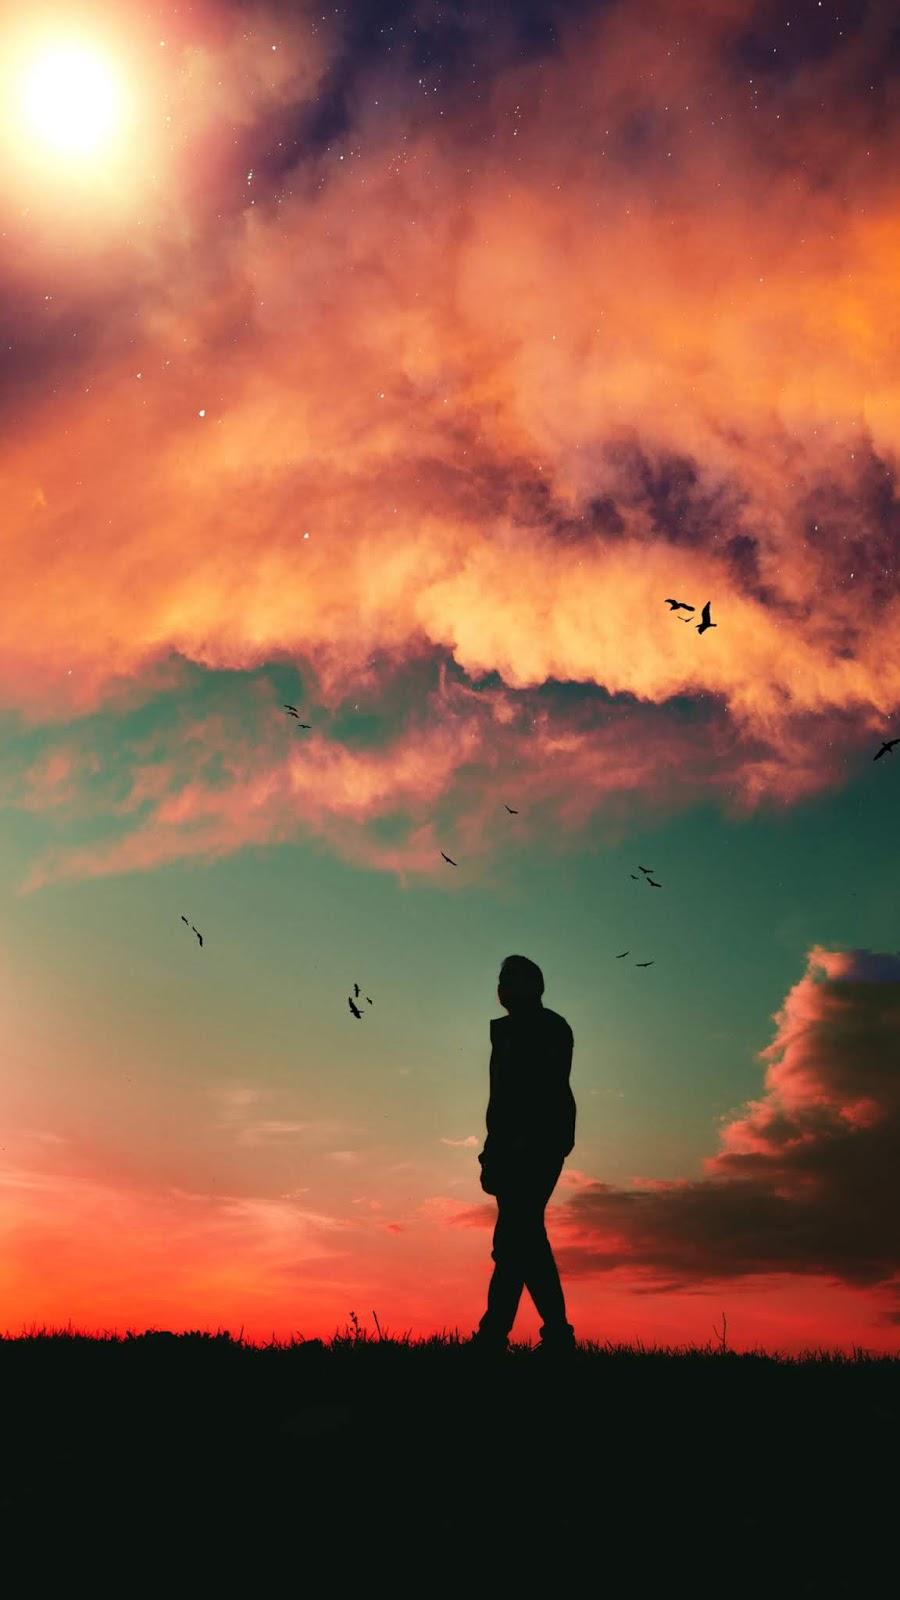 Watching the beautiful sky